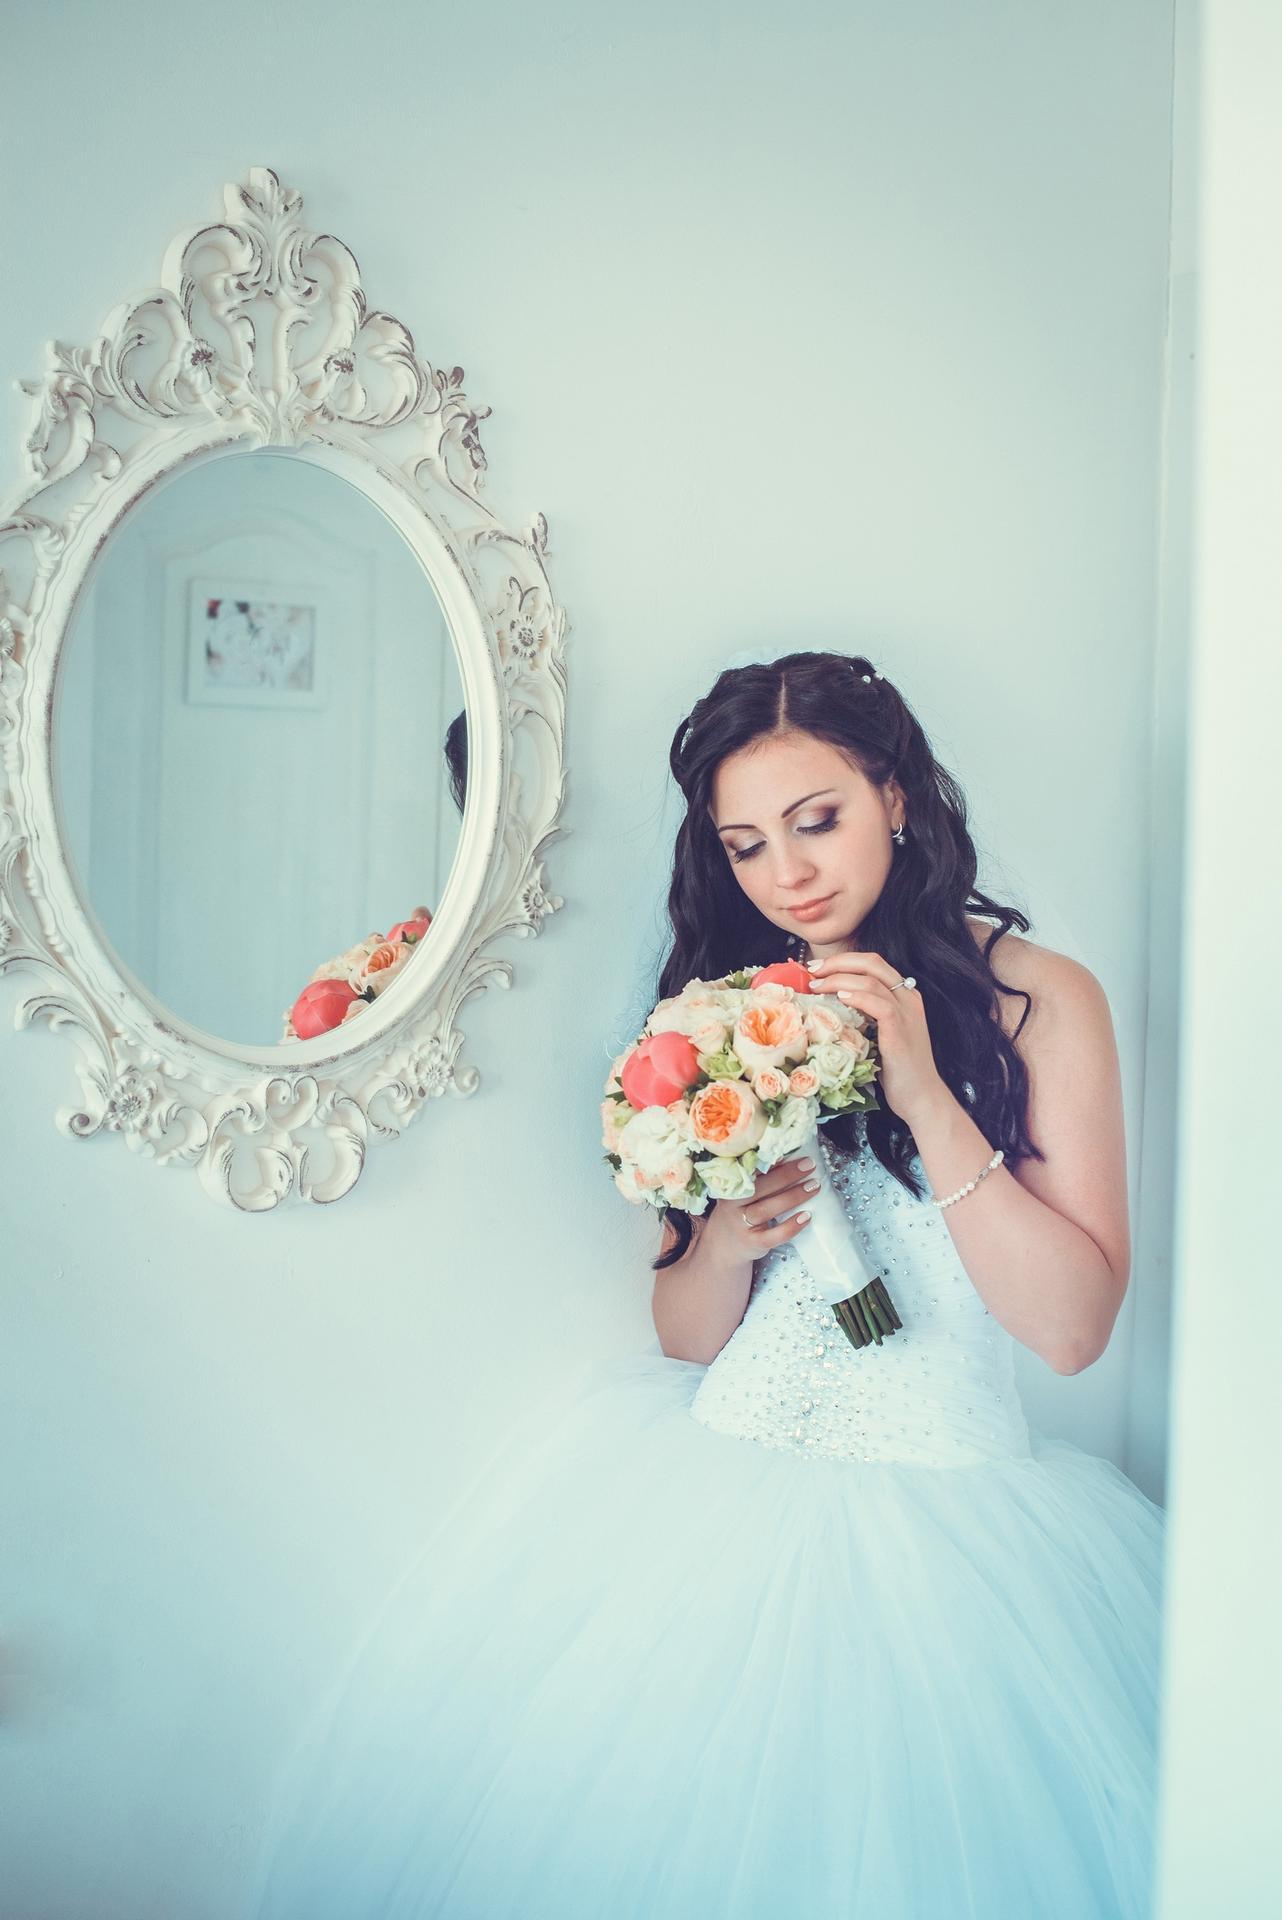 нежное свадебное фото